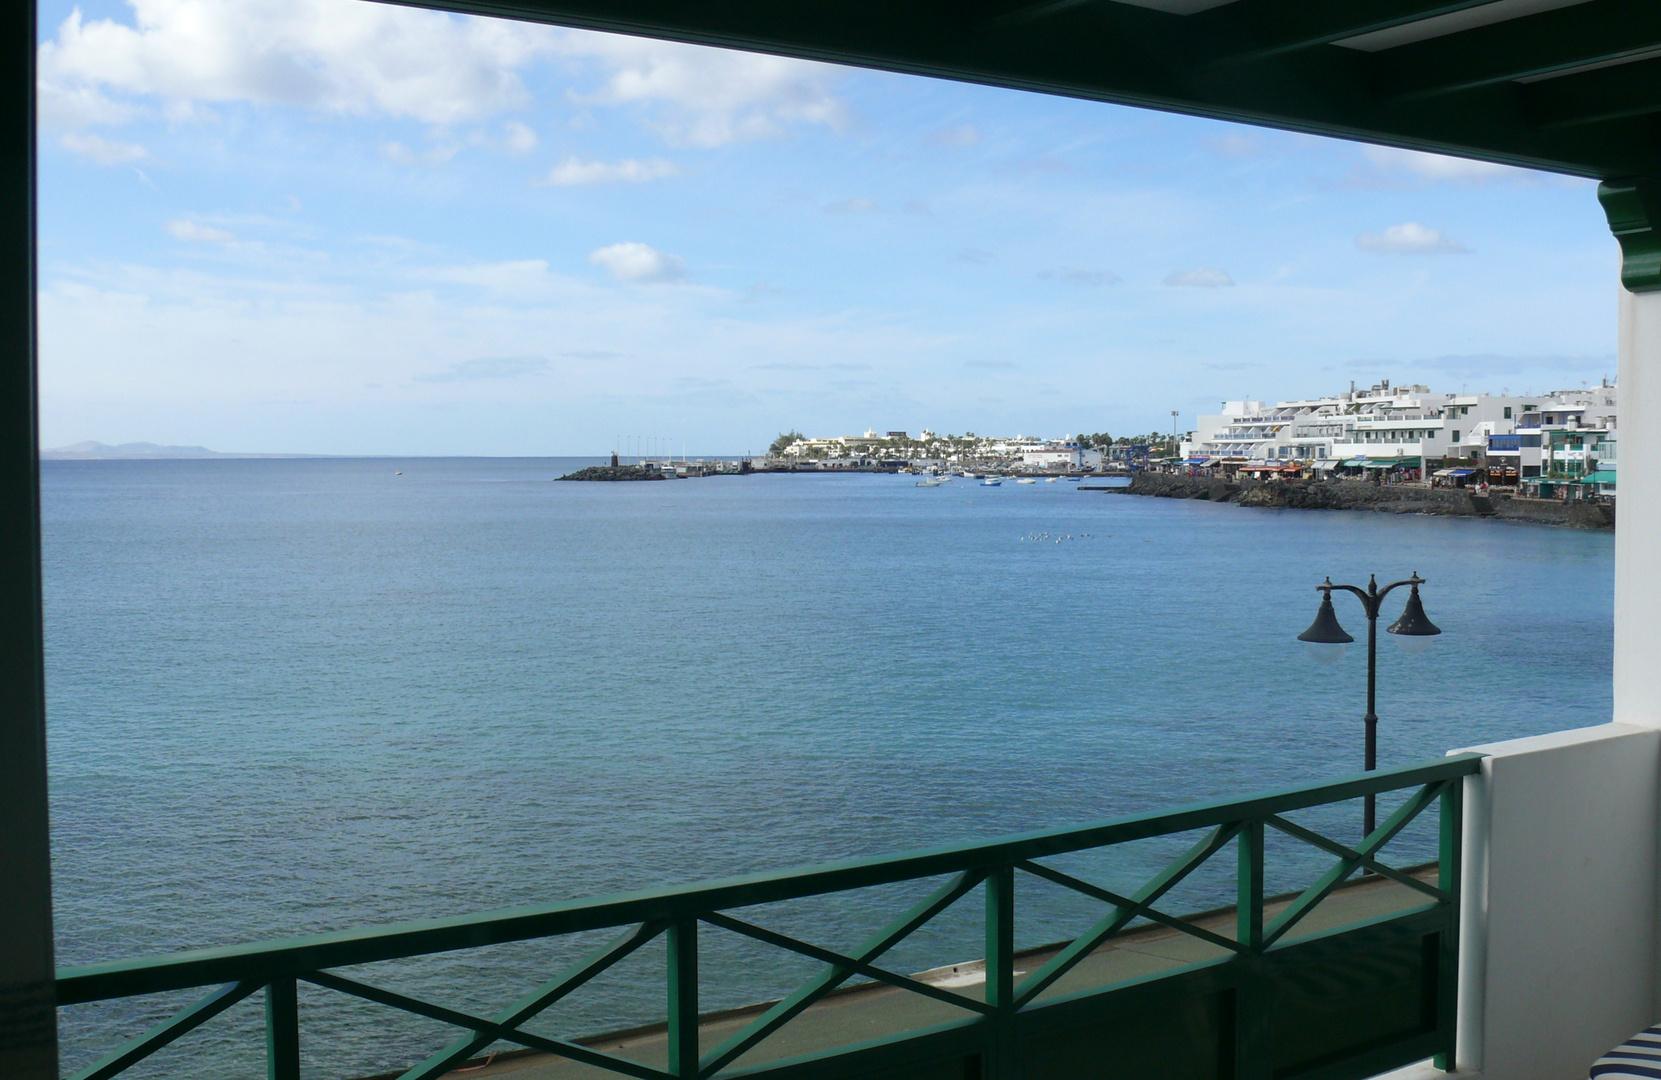 Lanzarote Playa Blanca Aussicht Vom Balkon Foto Bild Europe